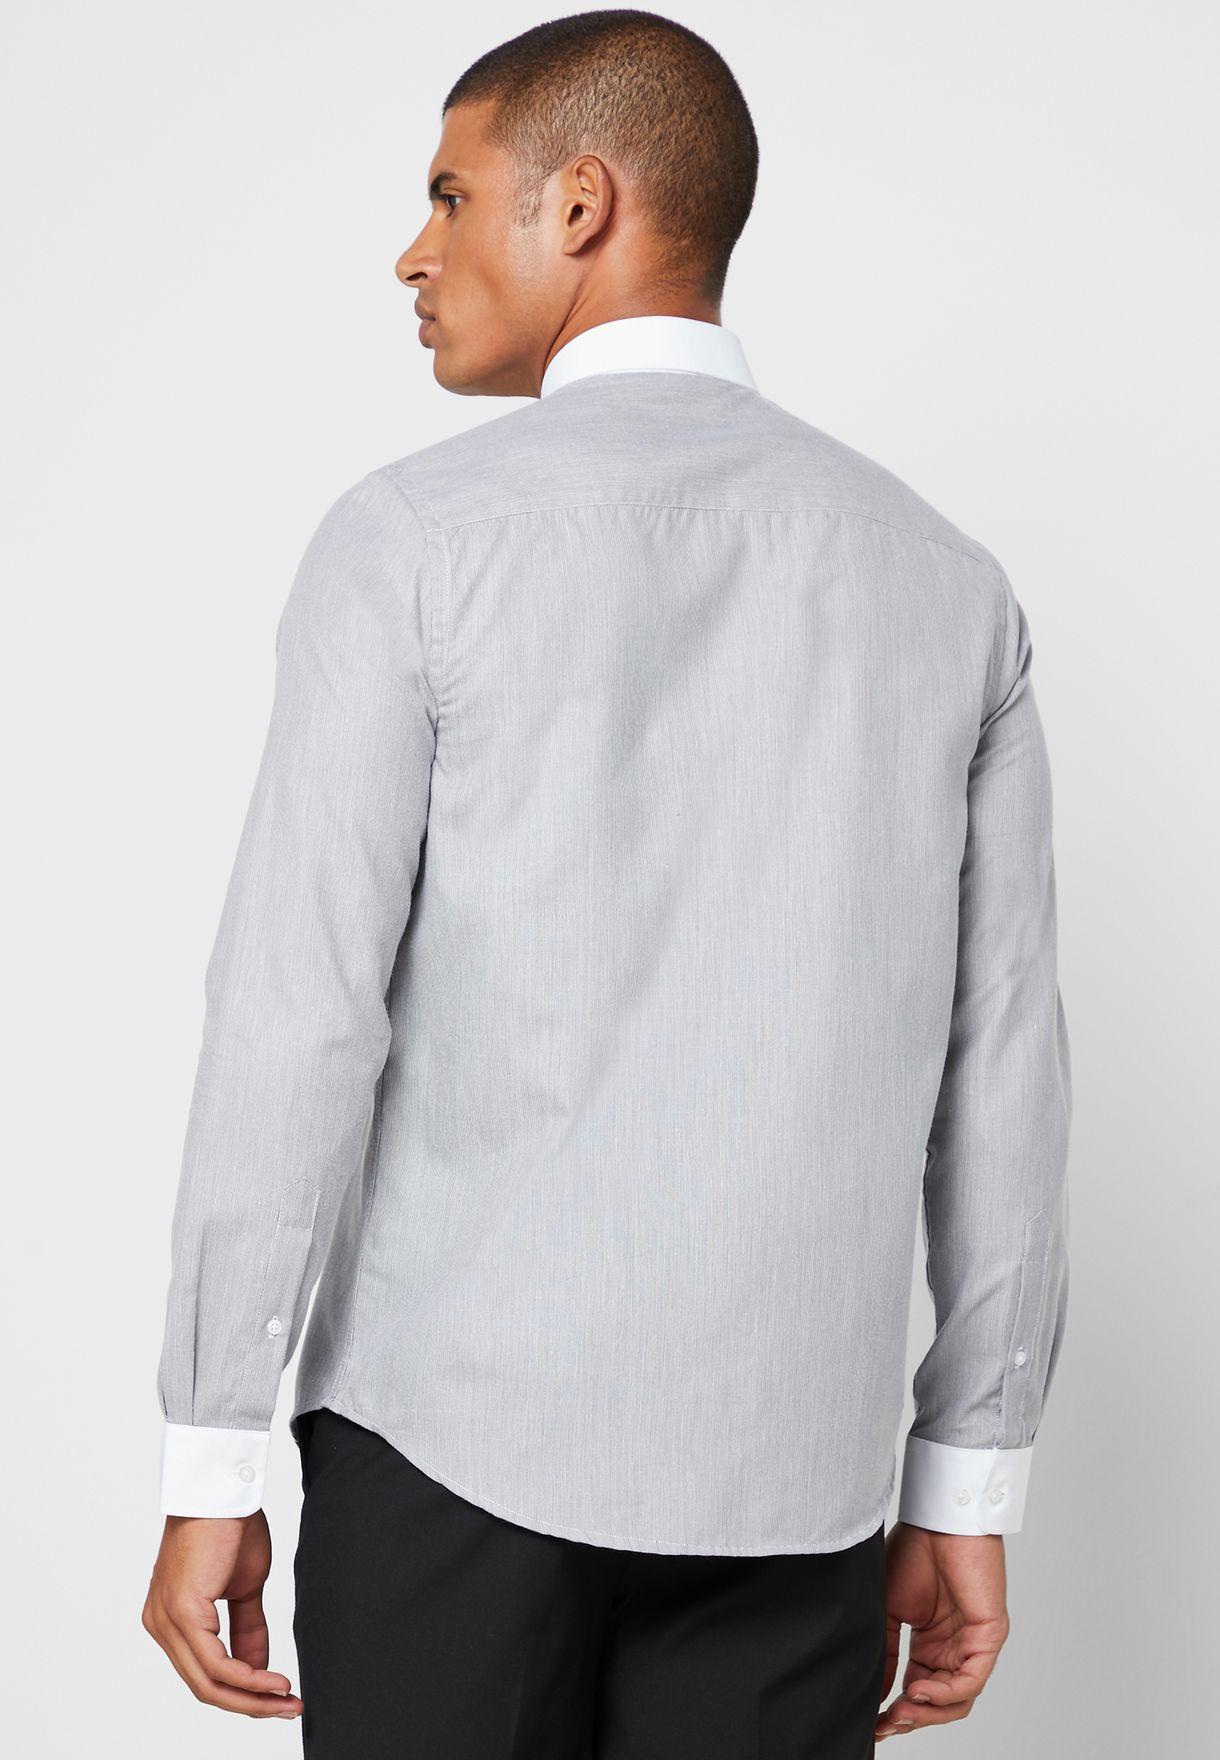 قميص مخطط بياقة مغايرة